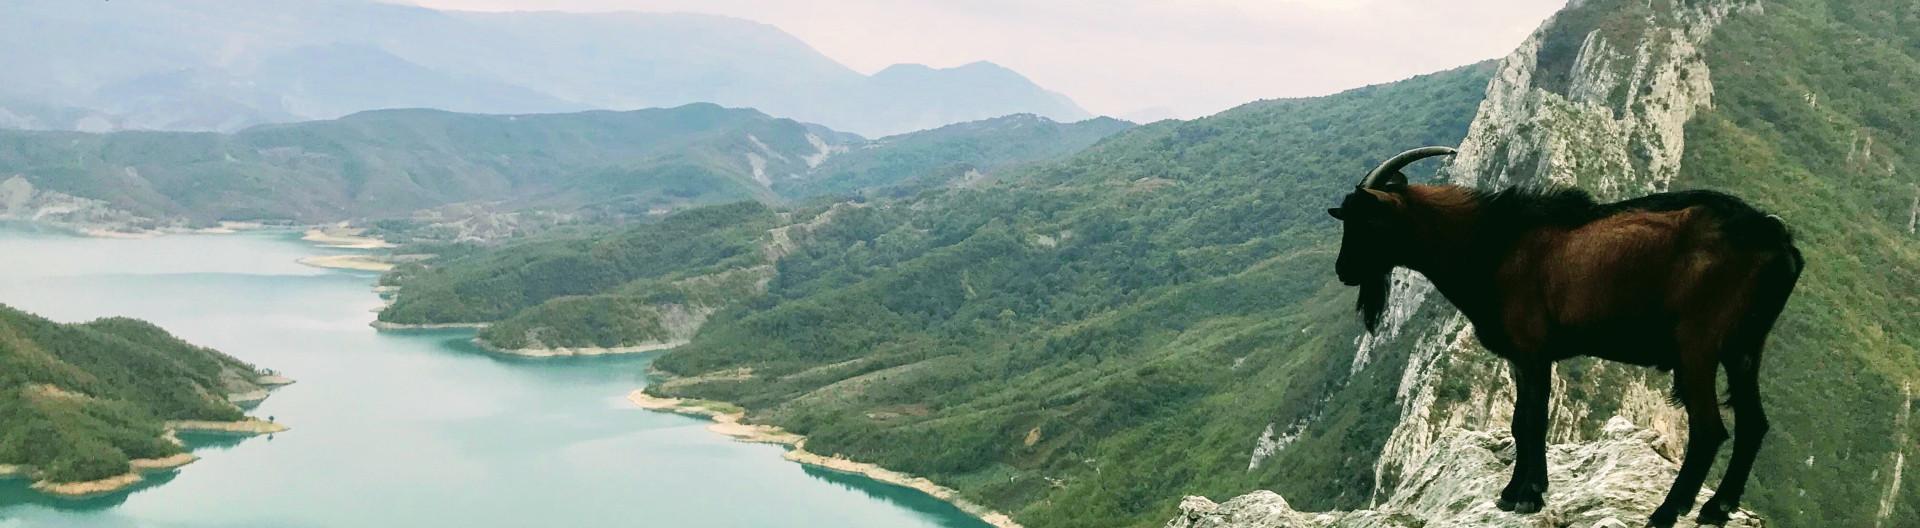 Ziege in den albanischen Bergen am Bovilla-Reservoir, einem Stausee in der Nähe der albanischen Hauptstadt Tirana